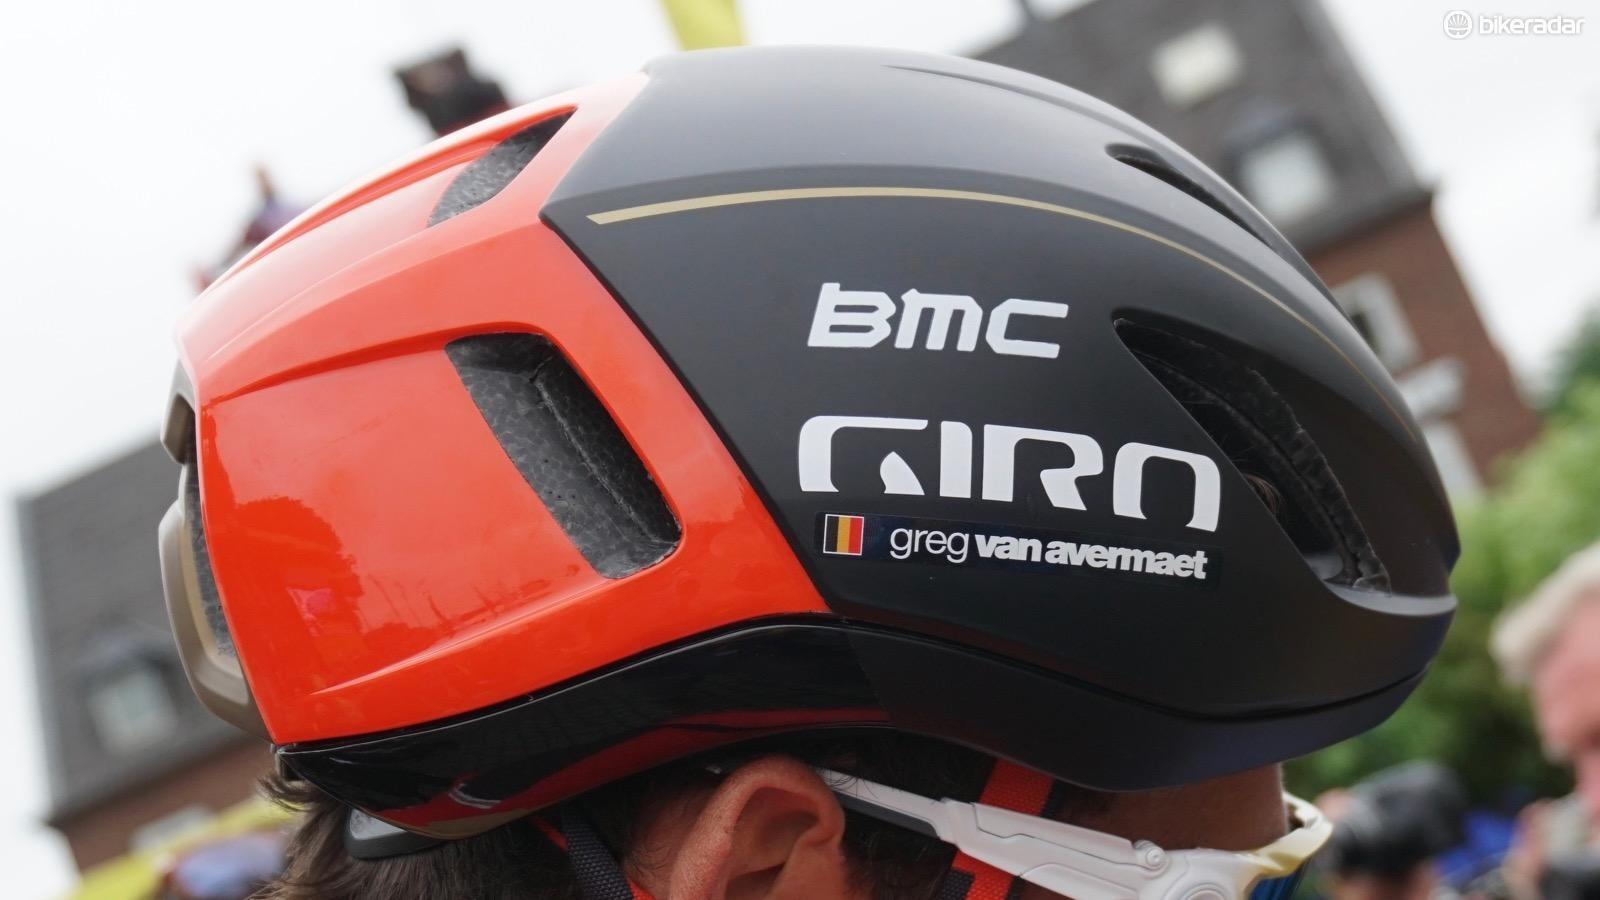 BMC and Katusha riders are wearing Giro's new and unreleased Vanquish MIPS aero helmet